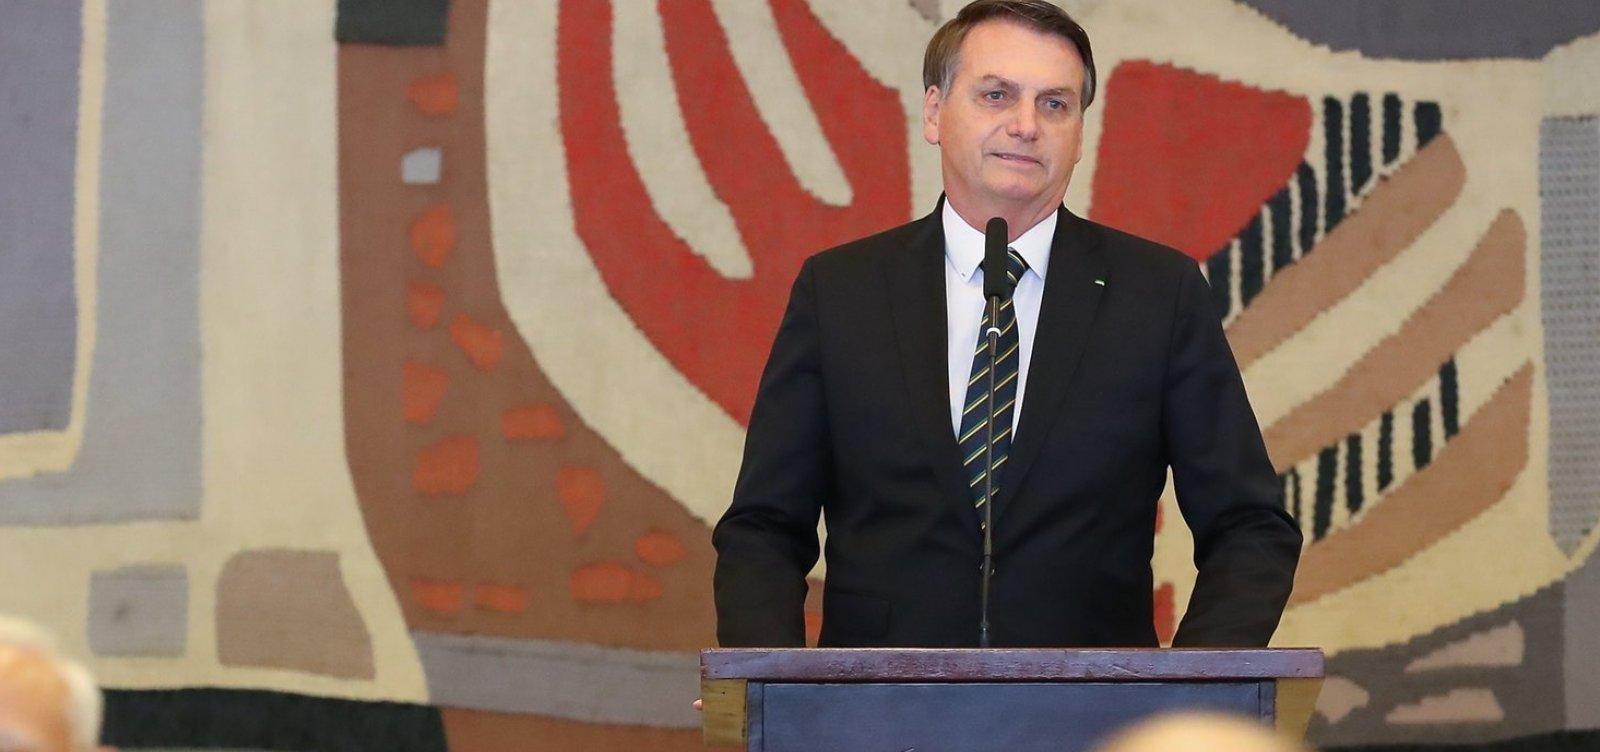 [Saída do PSL é uma 'separação amigável', diz Bolsonaro]